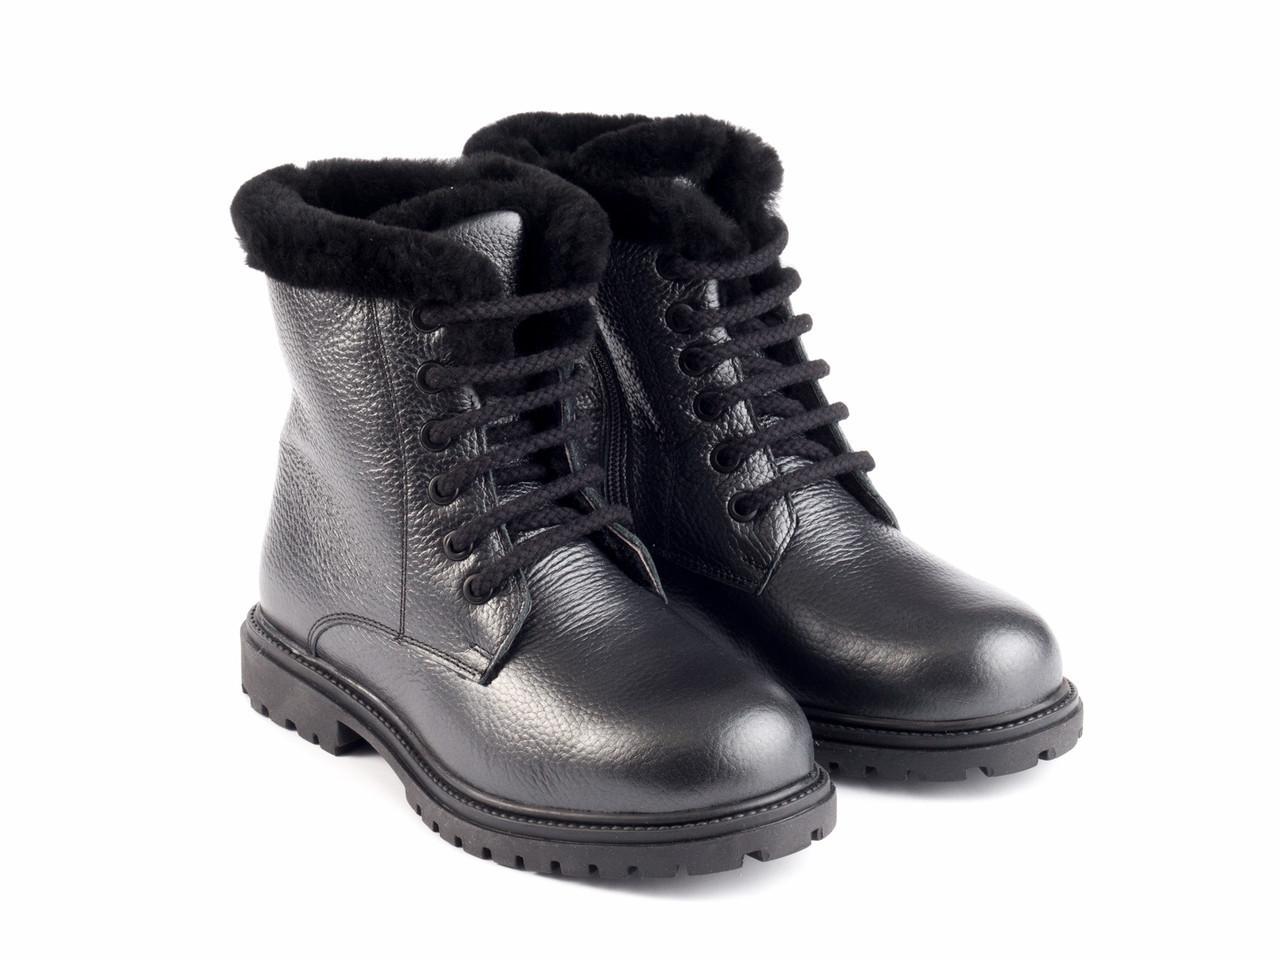 Ботинки Etor 6484-2298-14173 38 черные